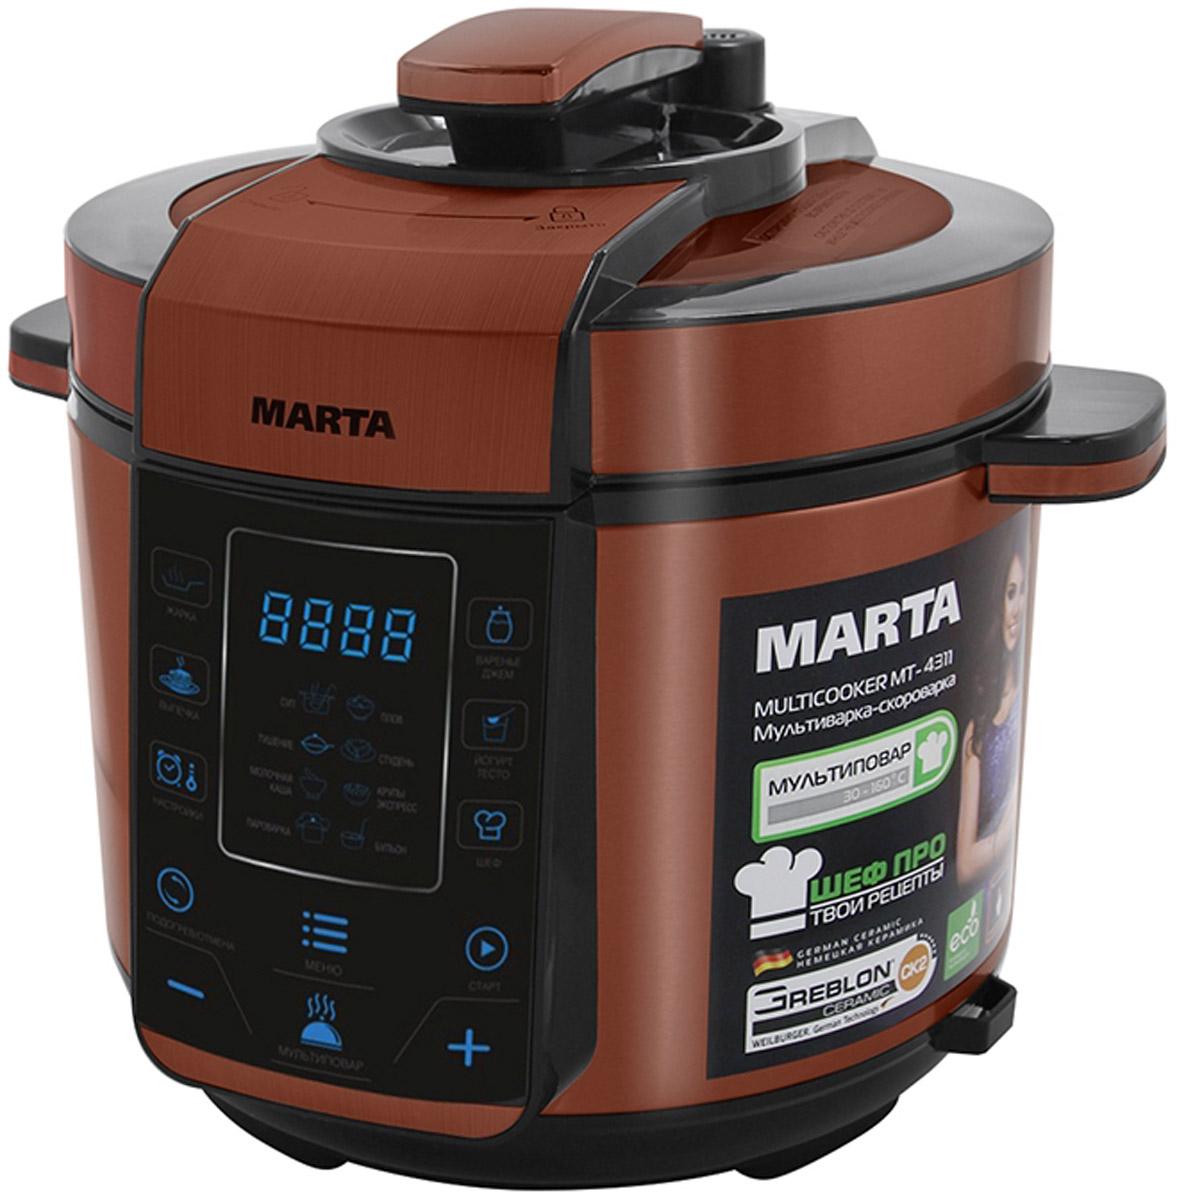 Marta MT-4311, Black Red мультиваркаMT-4311MARTA представляет новую уникальную мультиварку-скороварку, обладающую совершенным дизайном и всеми возможными функциями. Это настоящий прибор 2 в 1 - мультиварка и скороварка! Он позволяет готовить с давлением и без давления. МАRТА МТ-4311 комплектуется толстостенной чашей с немецким керамическим покрытием GREBLON CK2. Главной особенностью модели МАRТА МТ-4311 является то, что это универсальное устройство, которое совмещает функции мультиварки и скороварки. В ней есть программы, которые используют технологию приготовления пищи под давлением, а есть программы, присущие простым мультиваркам, в которых приготовление происходит без давления. Ваше блюдо никогда не подгорит, сохранит свой вкус, аромат и витамины. Сенсорное управление позволит с легкостью управляться 30 программами приготовления, из которых 14 - полностью автоматическая: 9 работают в режиме скороварки, а 5 - в режиме мультиварки. Остальные 16 программ настраиваются вручную. А для полного...